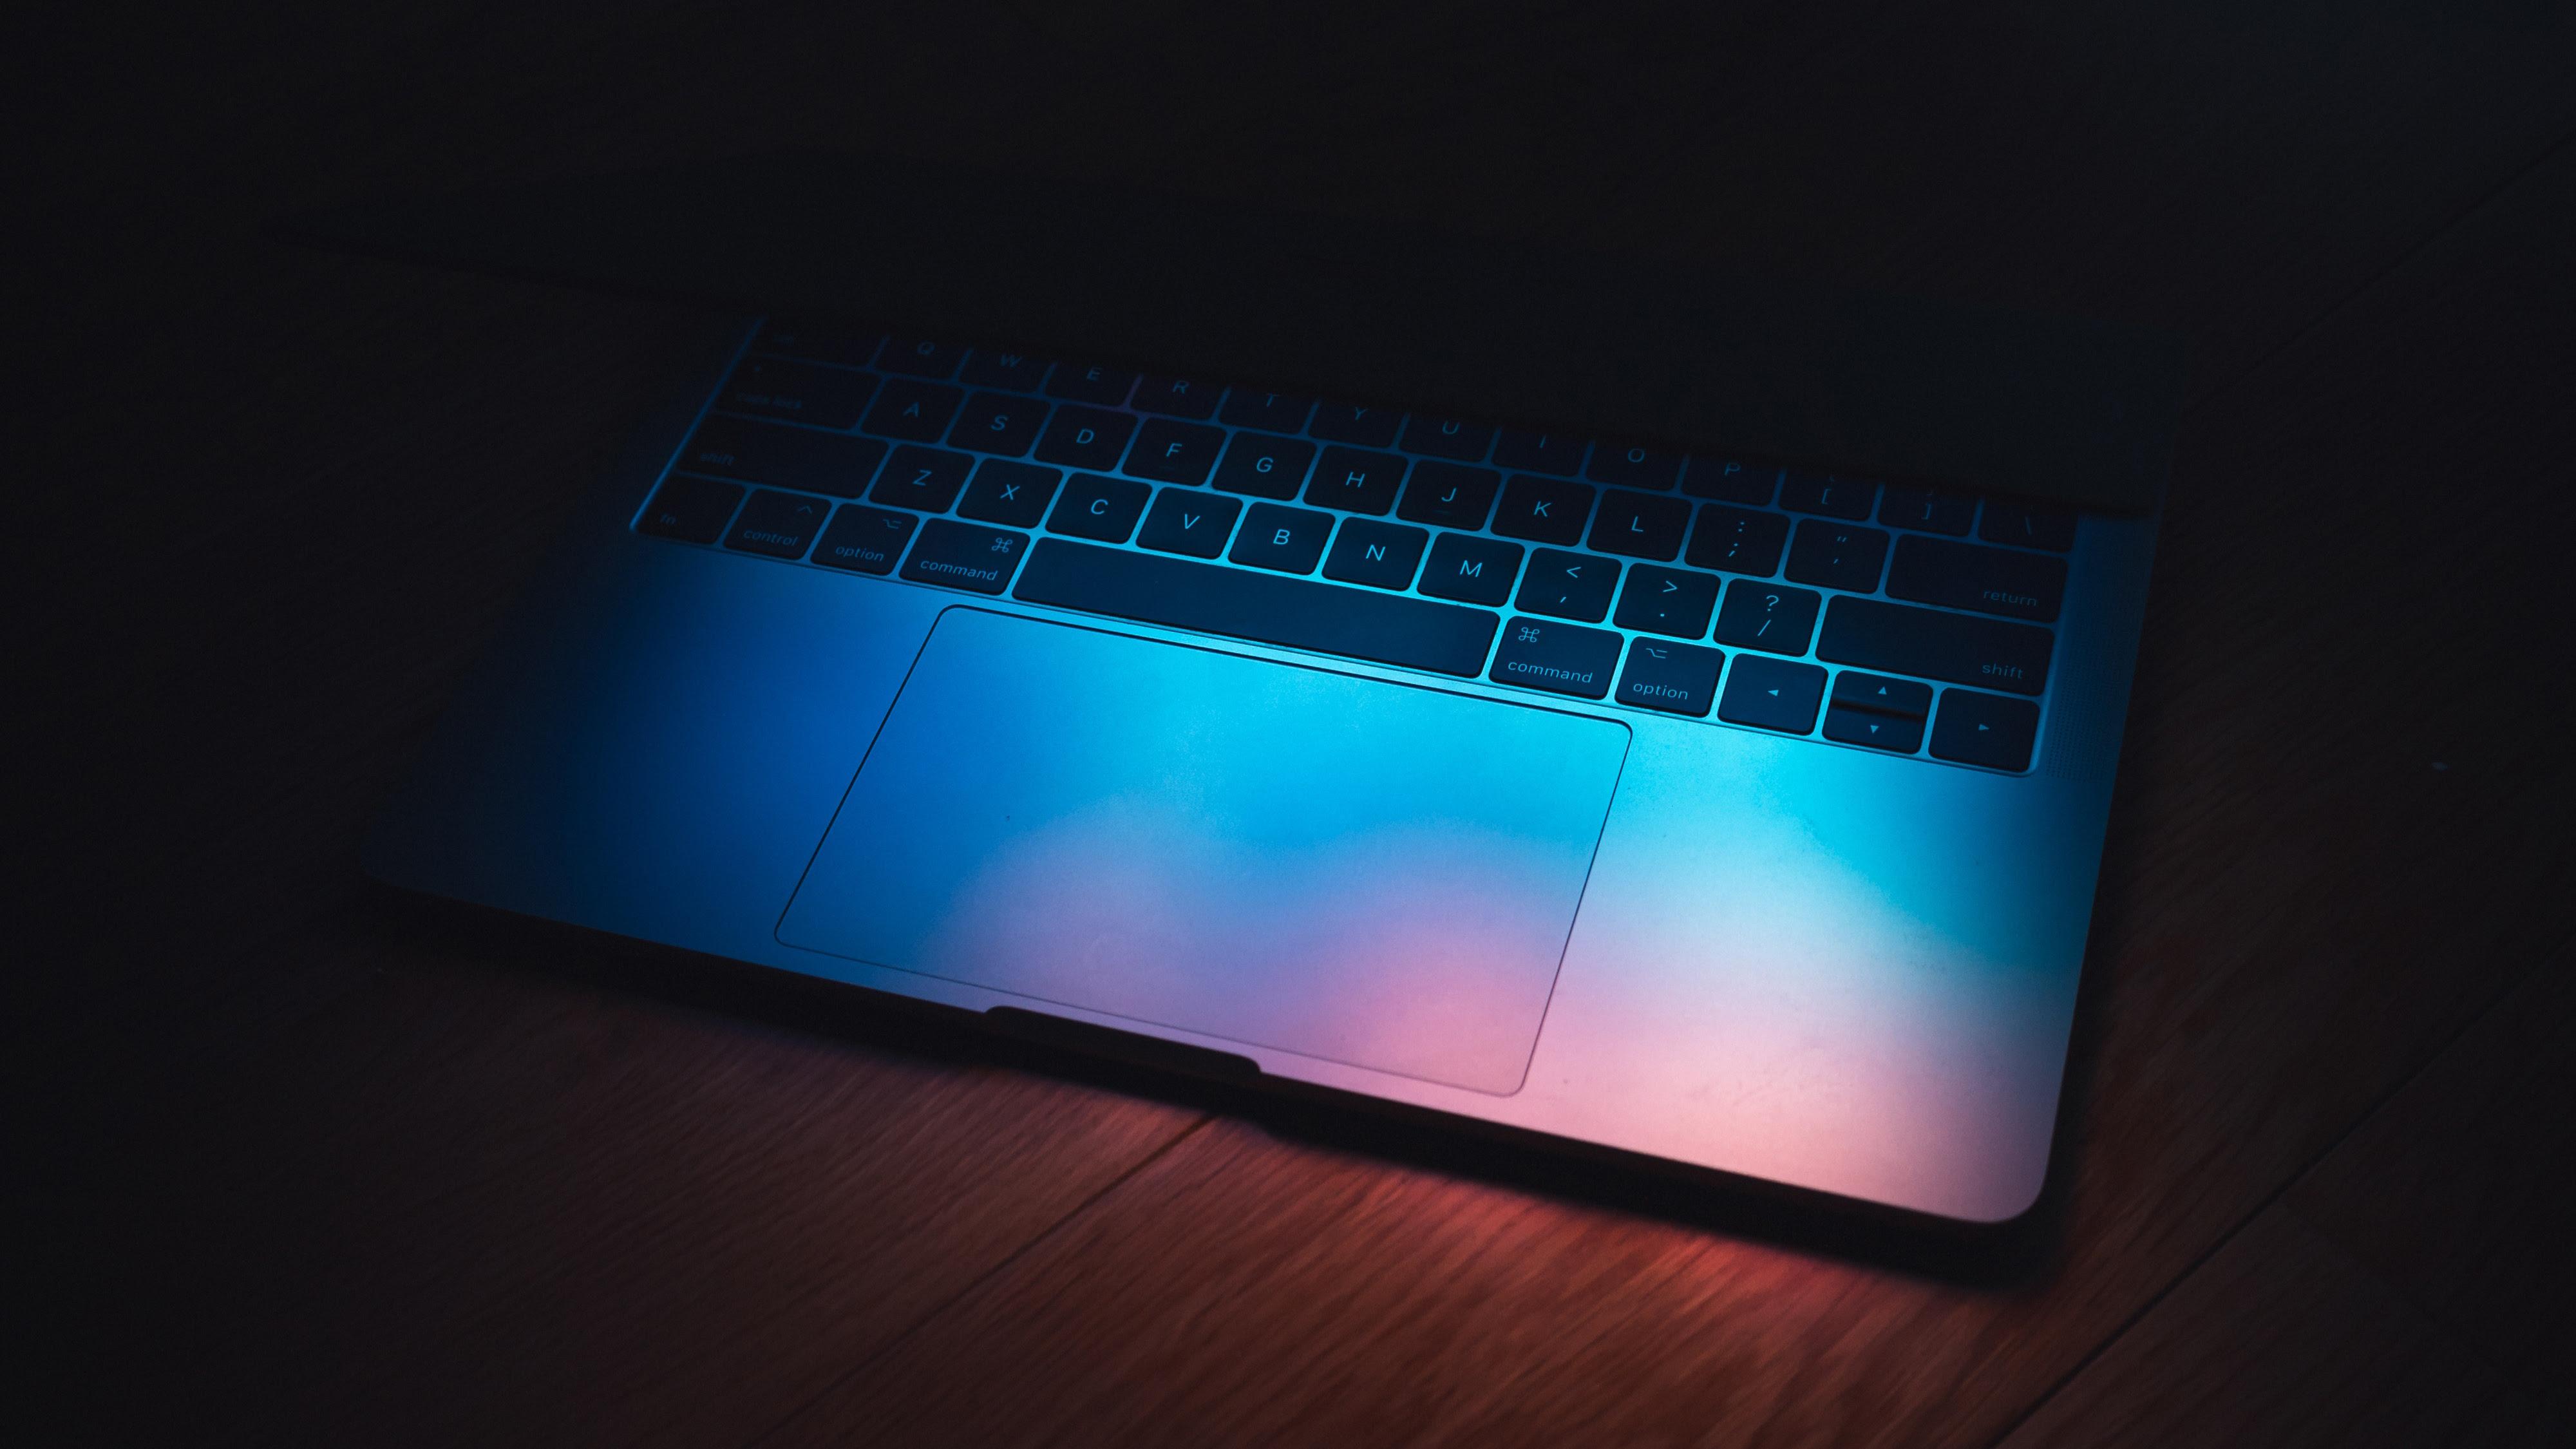 Apple Macbook Pro 4k Wallpapers Hd Wallpapers